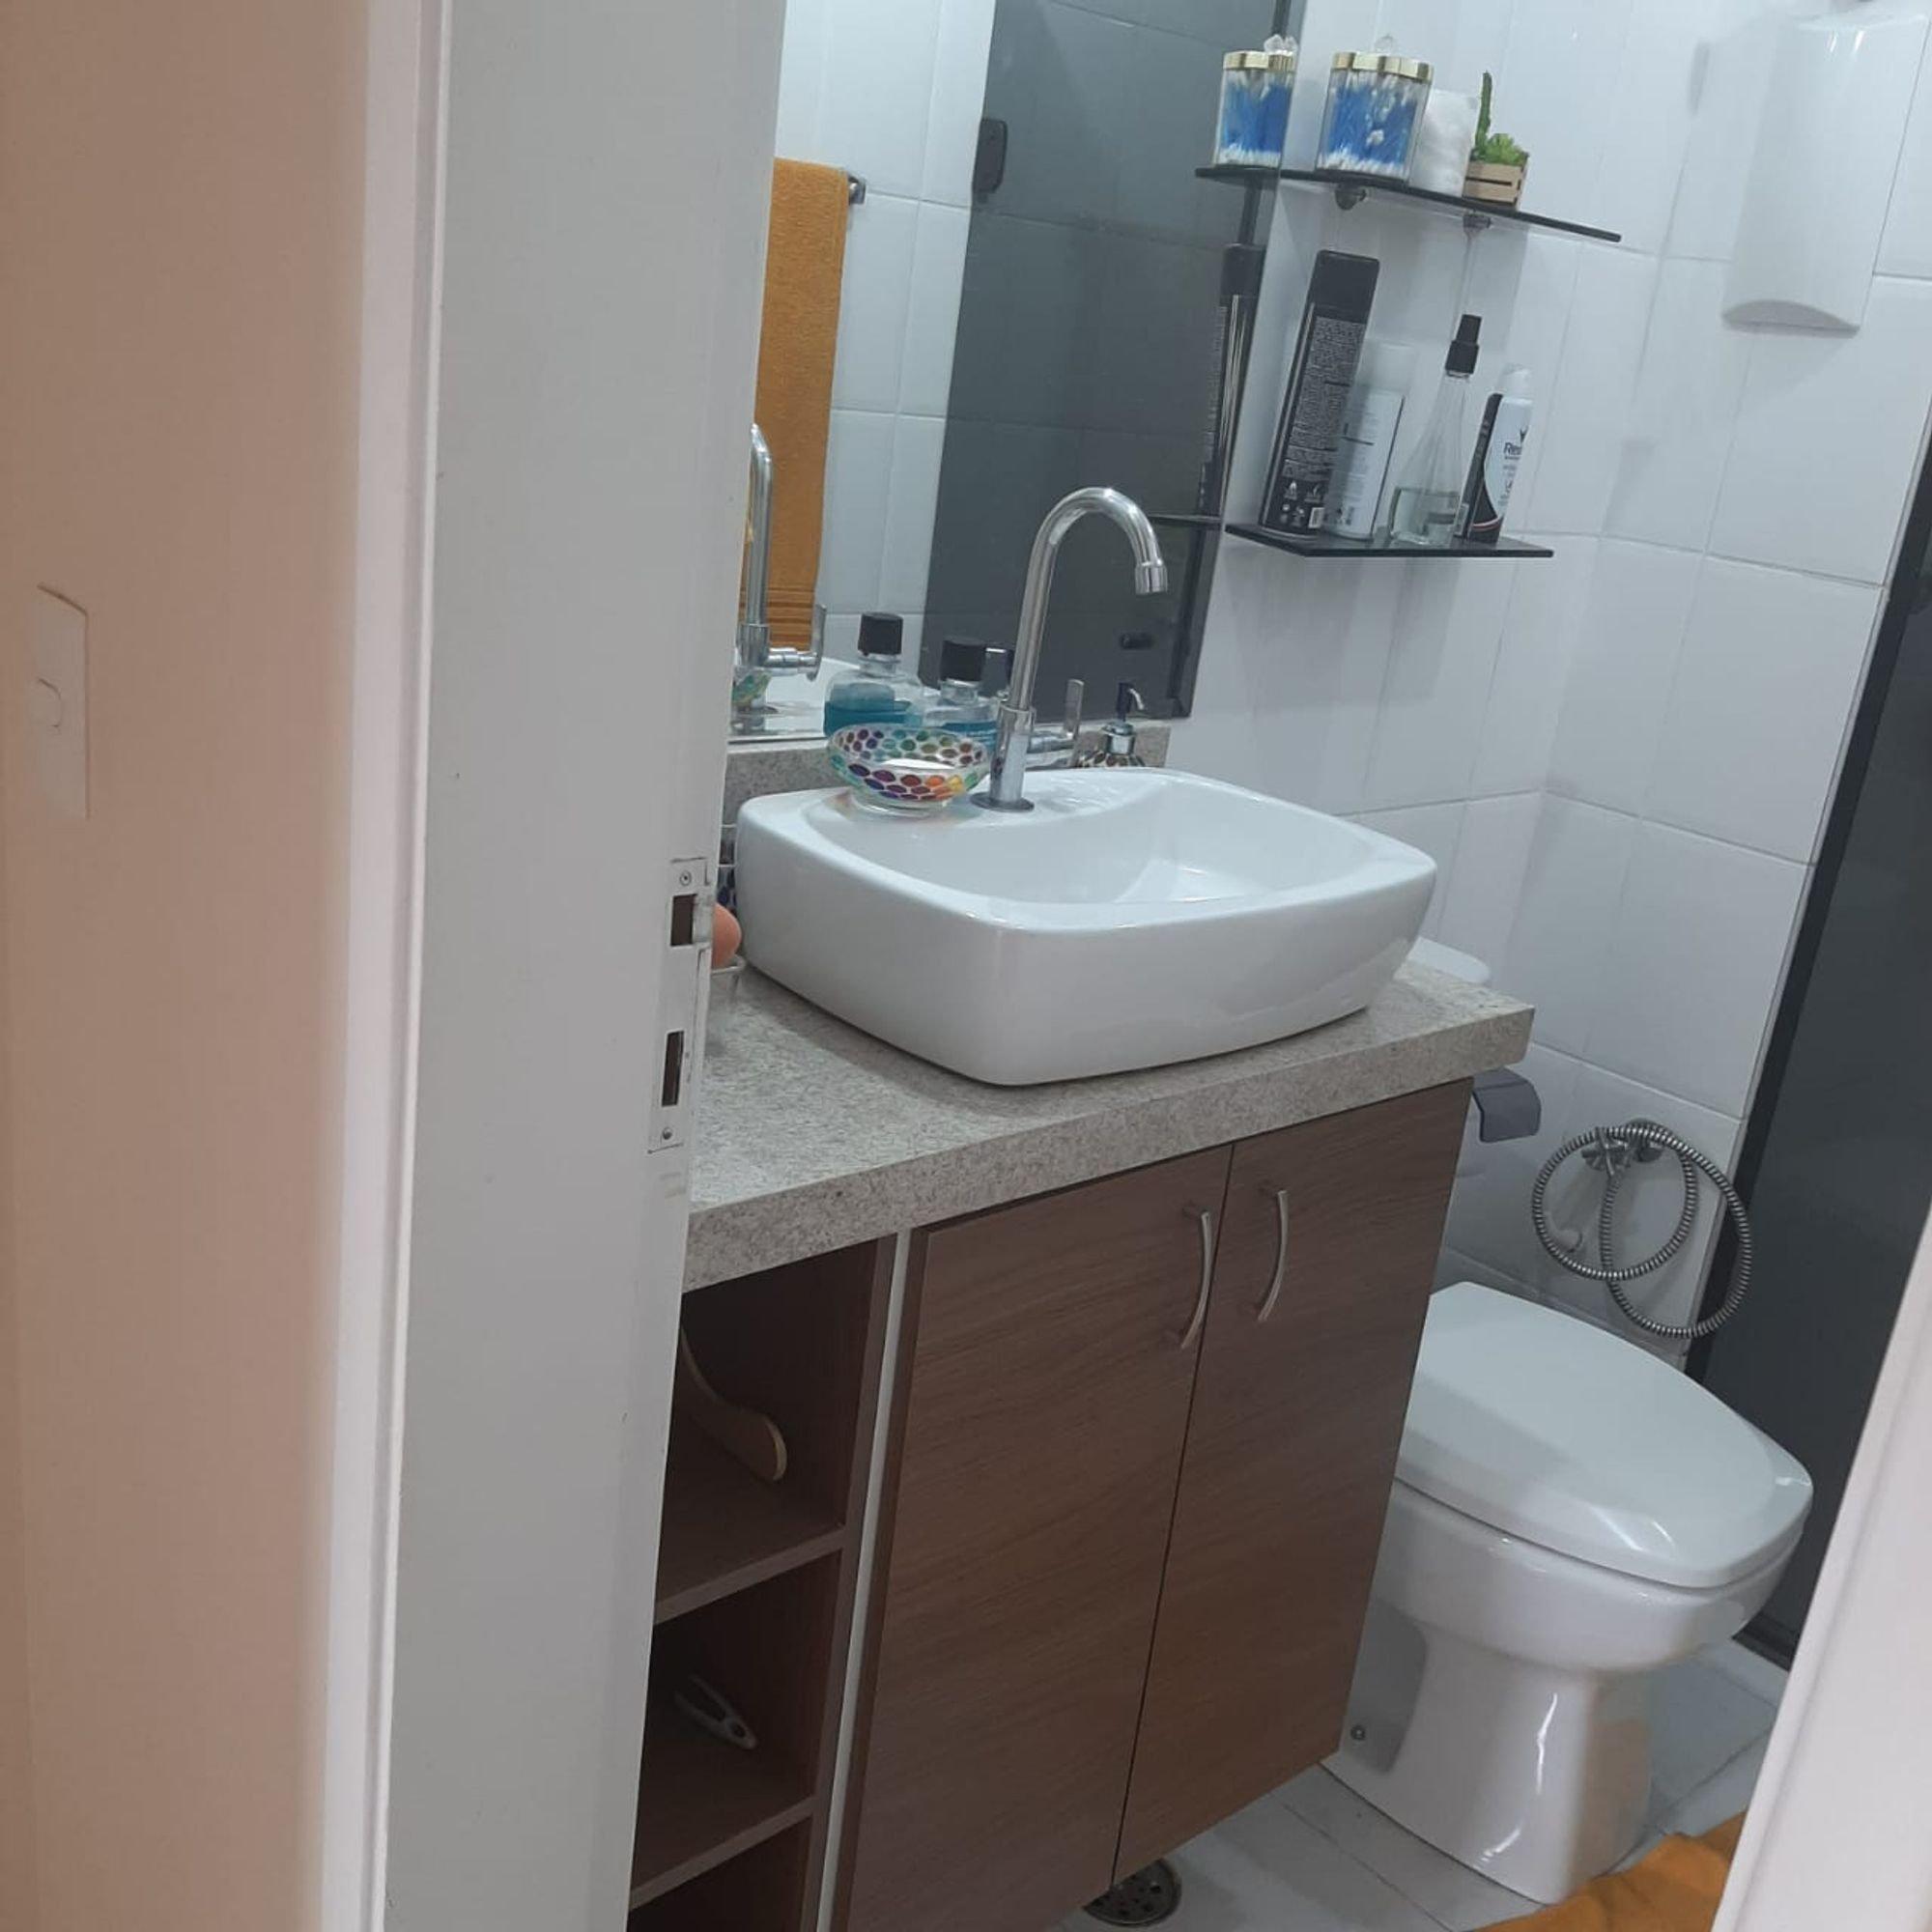 Foto de Banheiro com vaso sanitário, pia, garrafa